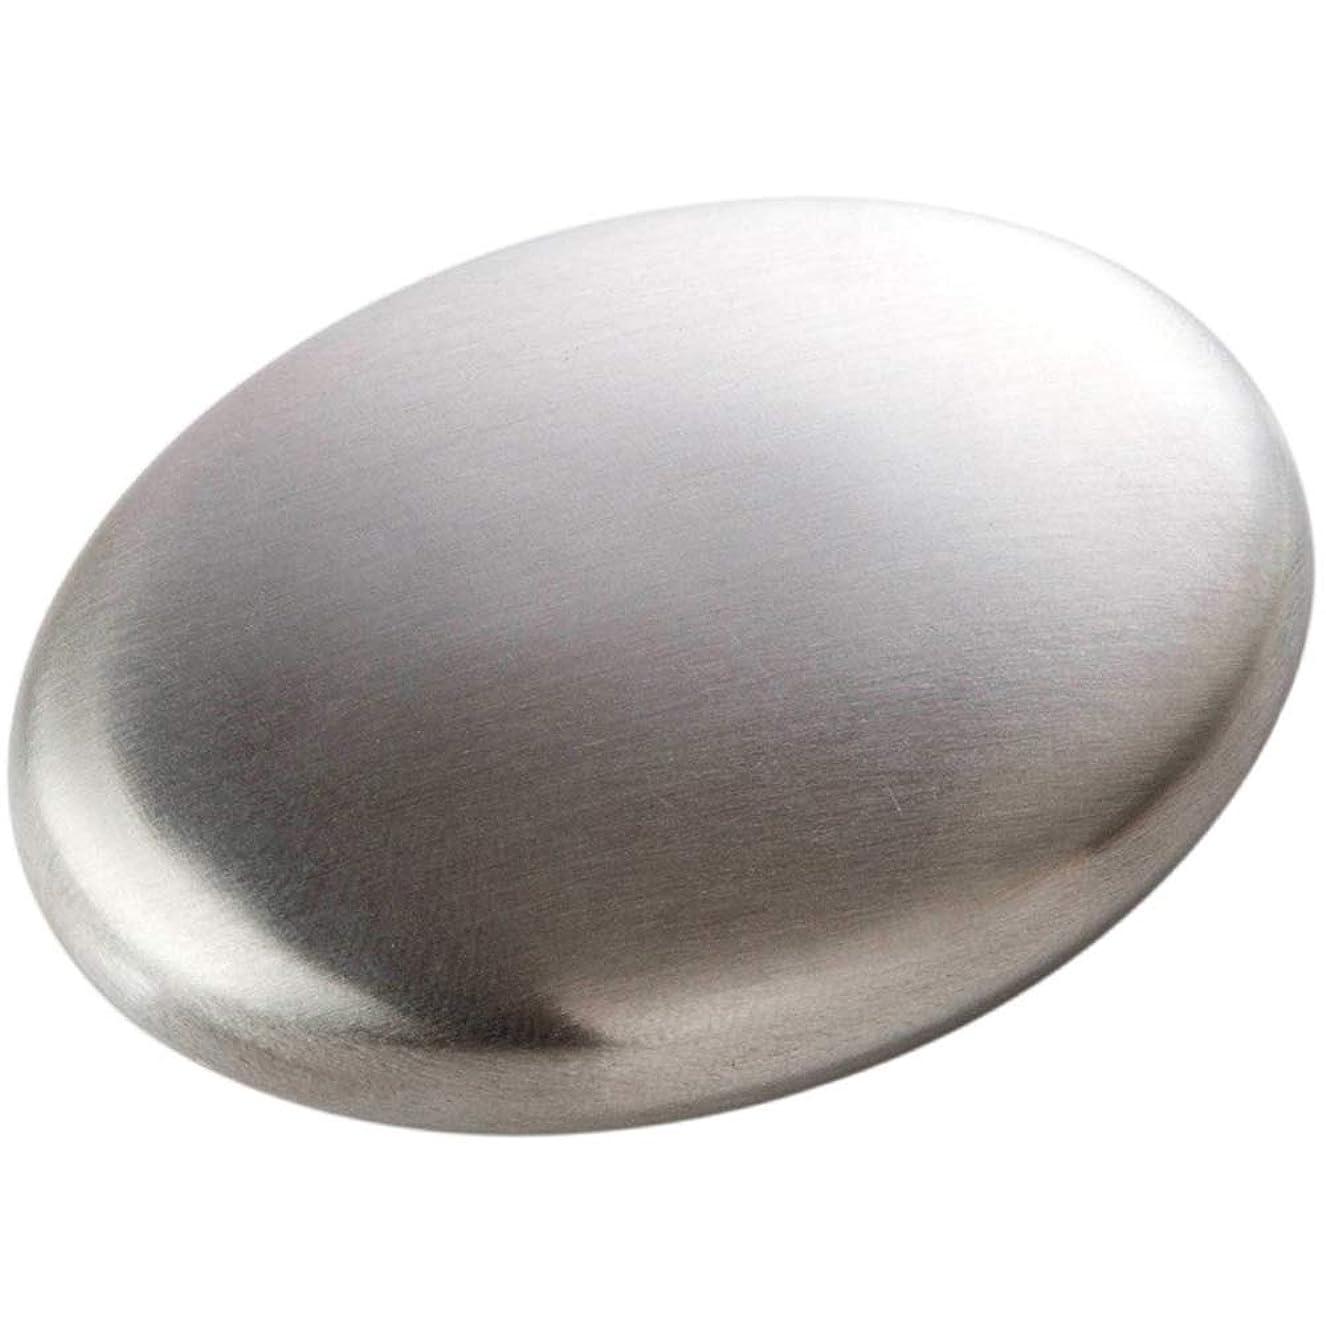 旅行険しい陸軍せっけん ステンレス鋼 消臭 石鹸 にんにくと魚のような臭いを取り除き ステンレス鋼 臭気除去剤 匂い除去剤 最新型 人気 実用的 Cutelove